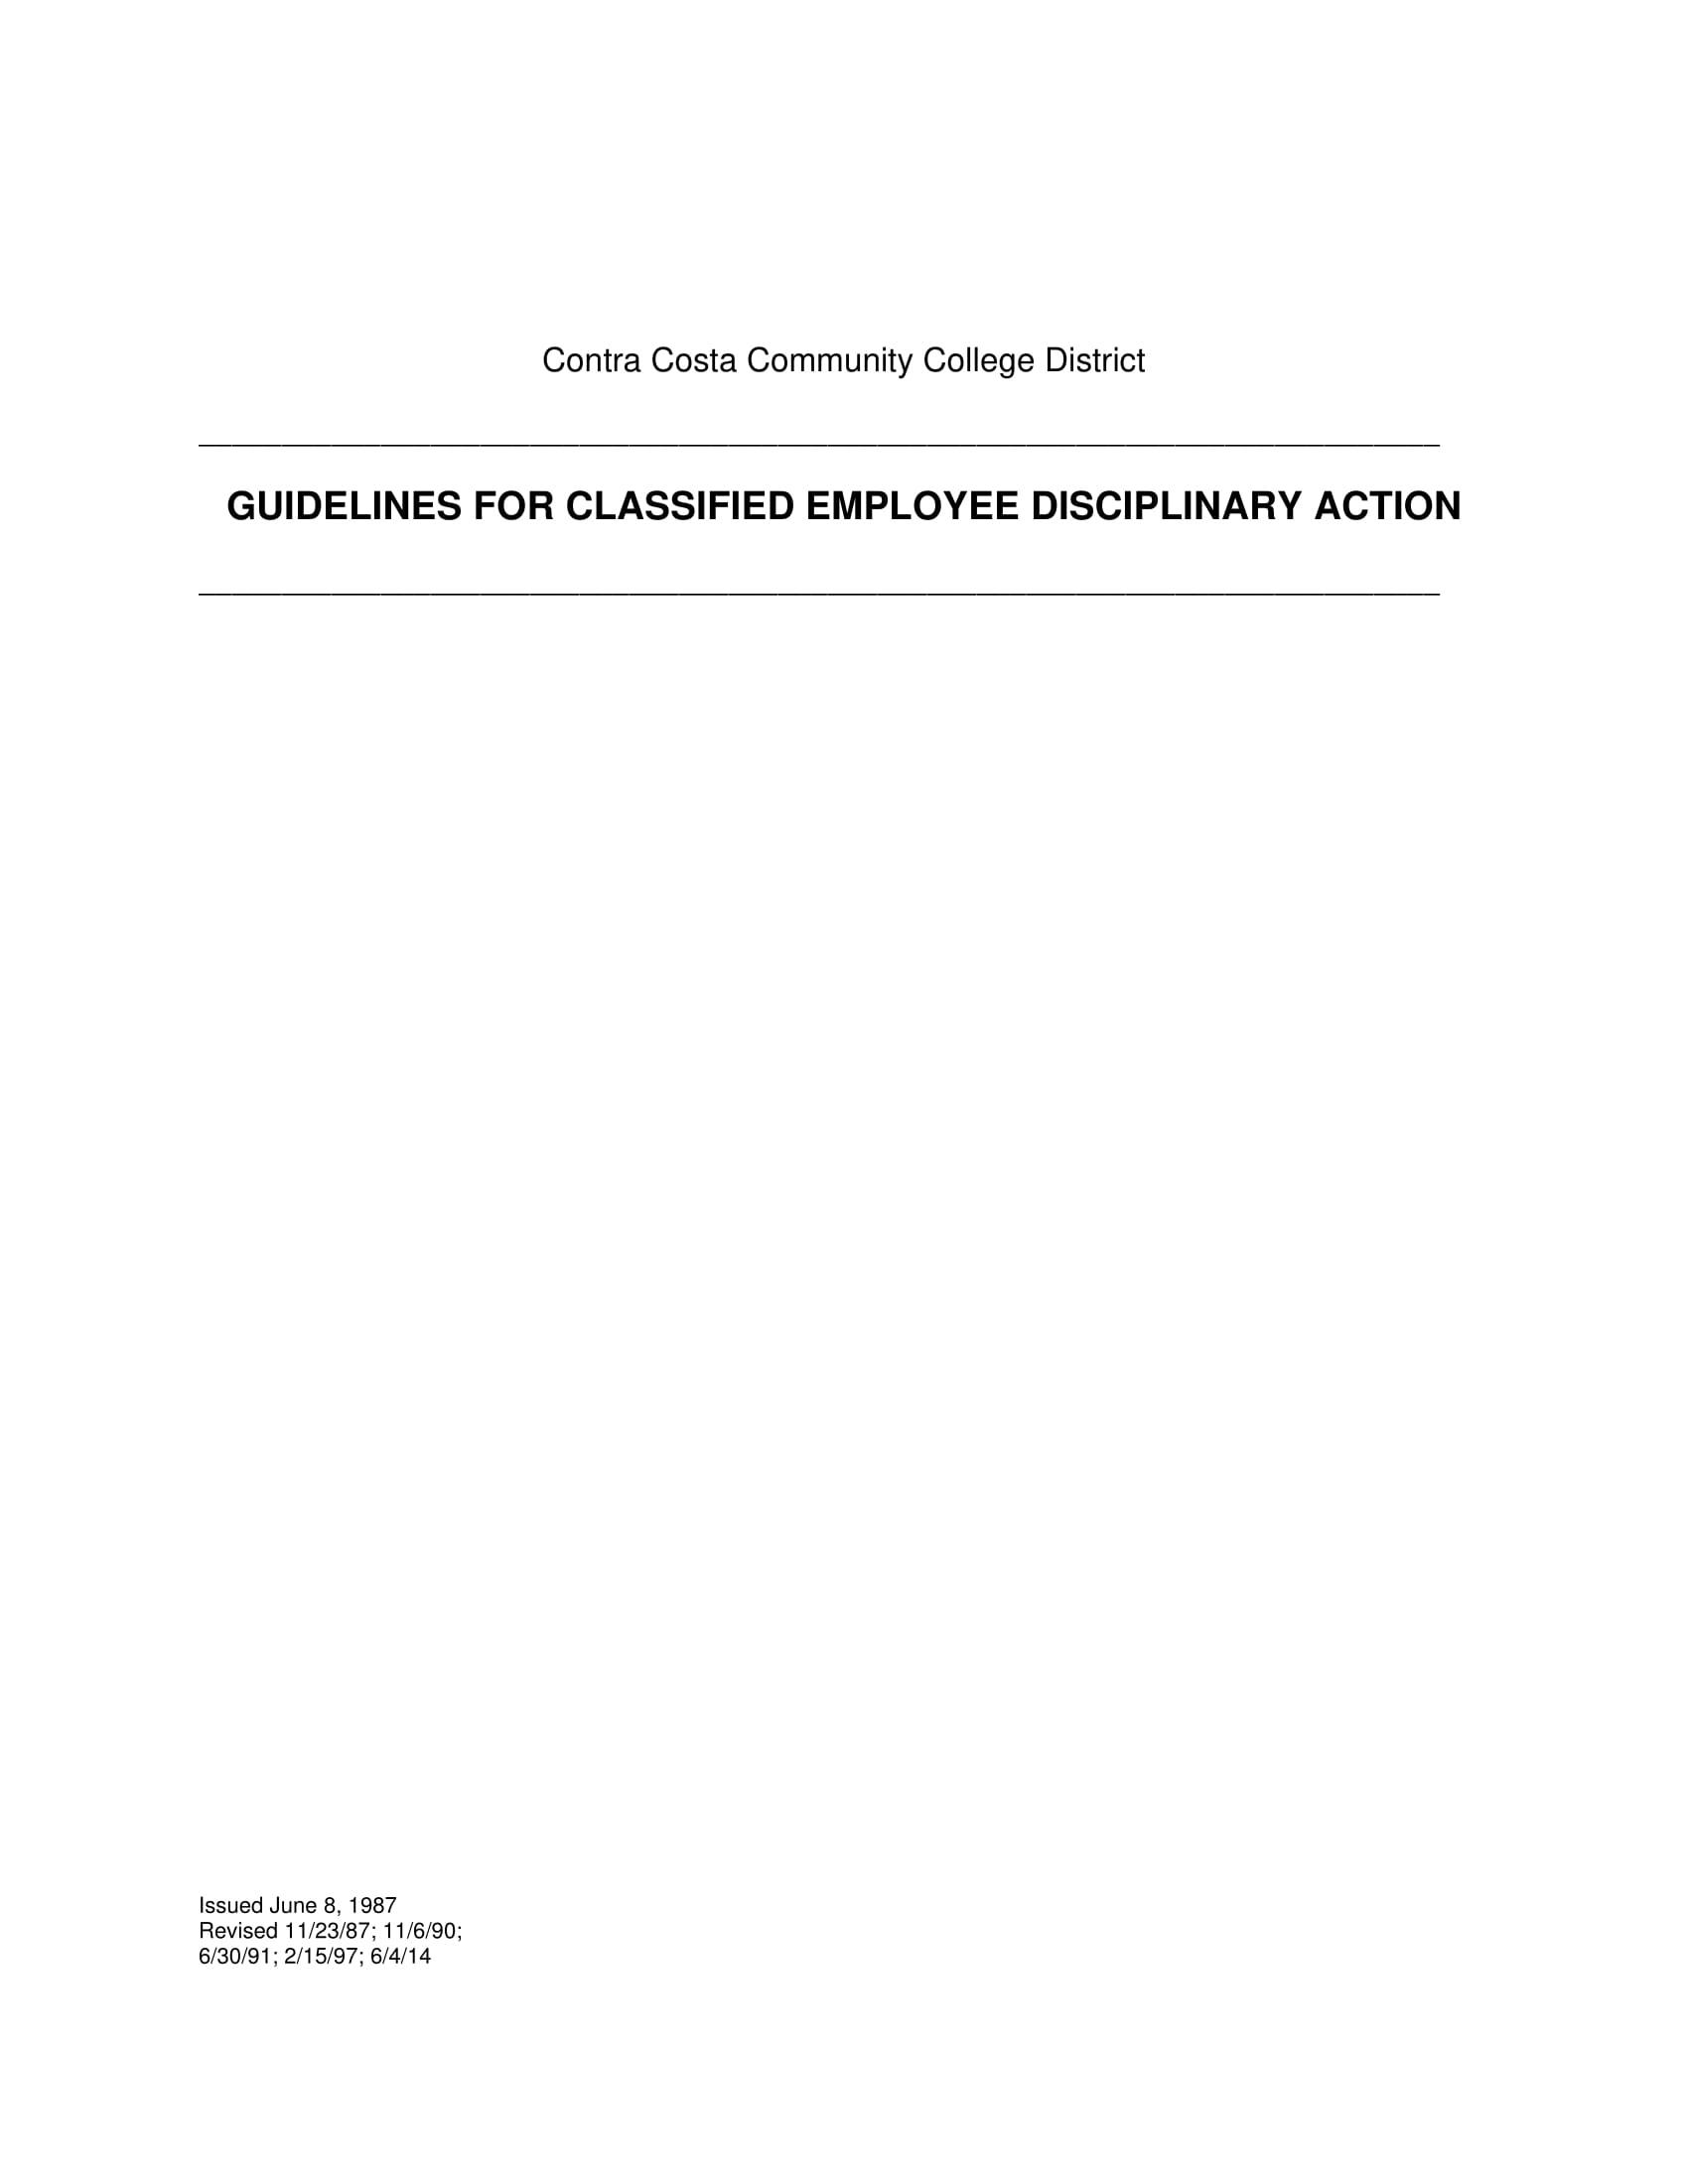 guidelinesclassifiedemployeedisciplinaryaction 01